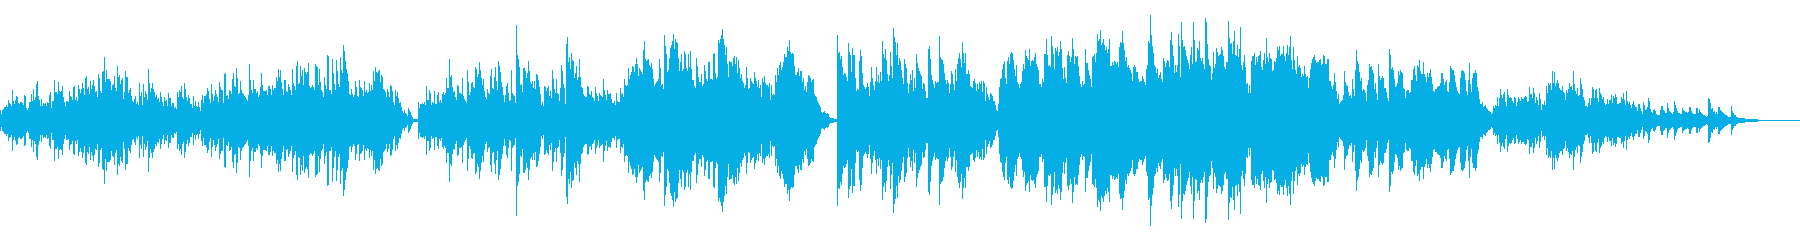 ピアノと弦楽の美しいアンサンブルの再生済みの波形